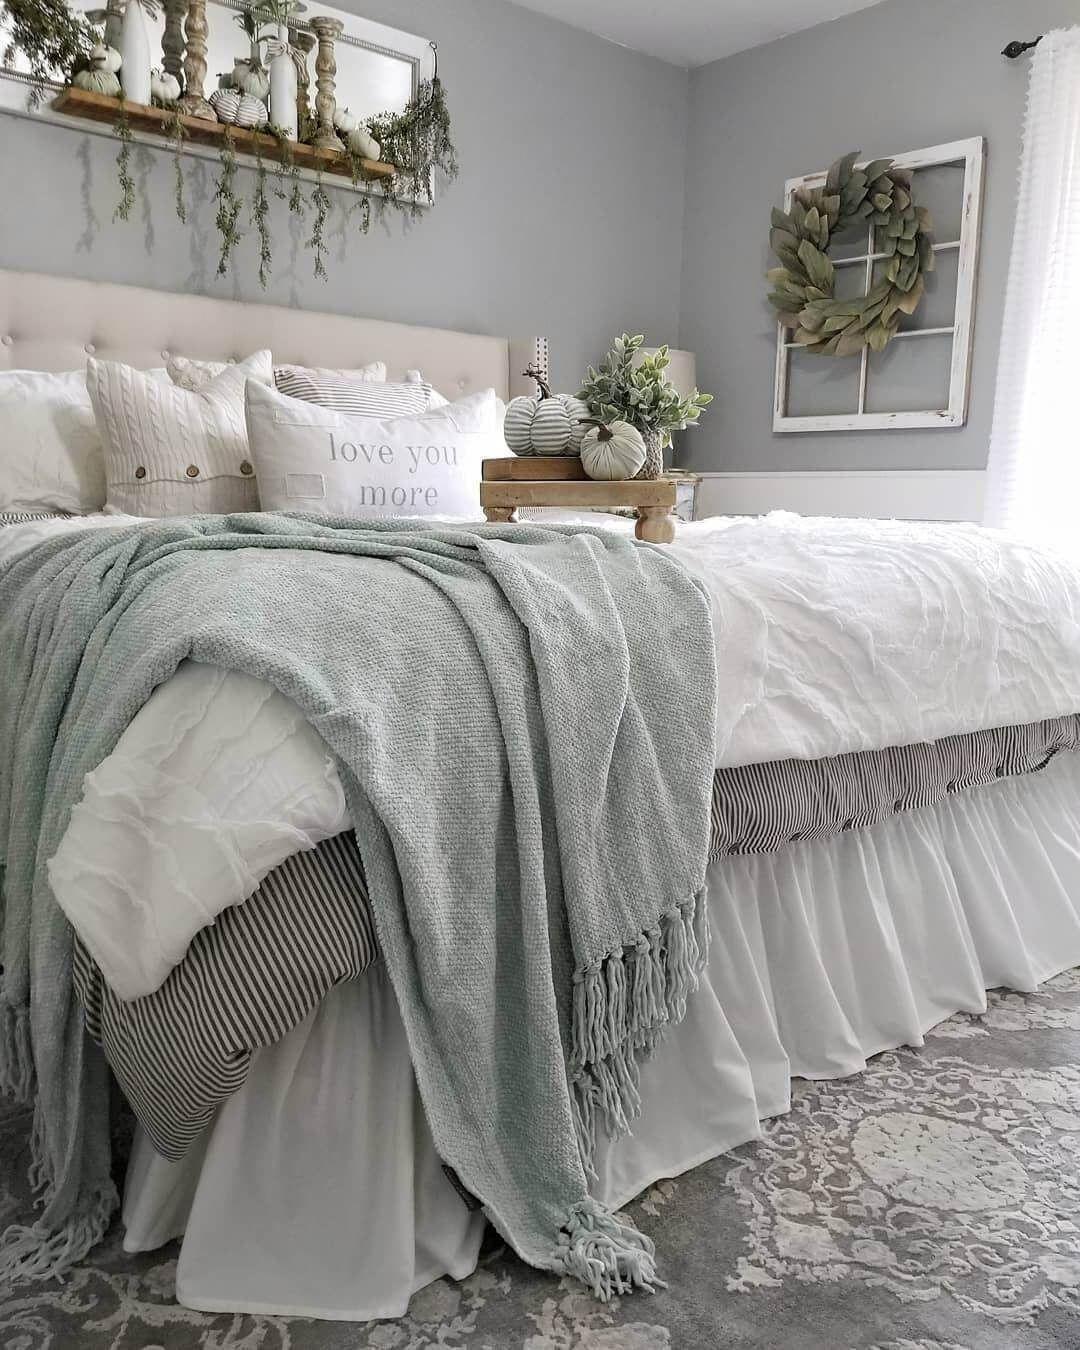 25 Inviting And Cozy Farmhouse Bedroom (The Visual Treats) - A9